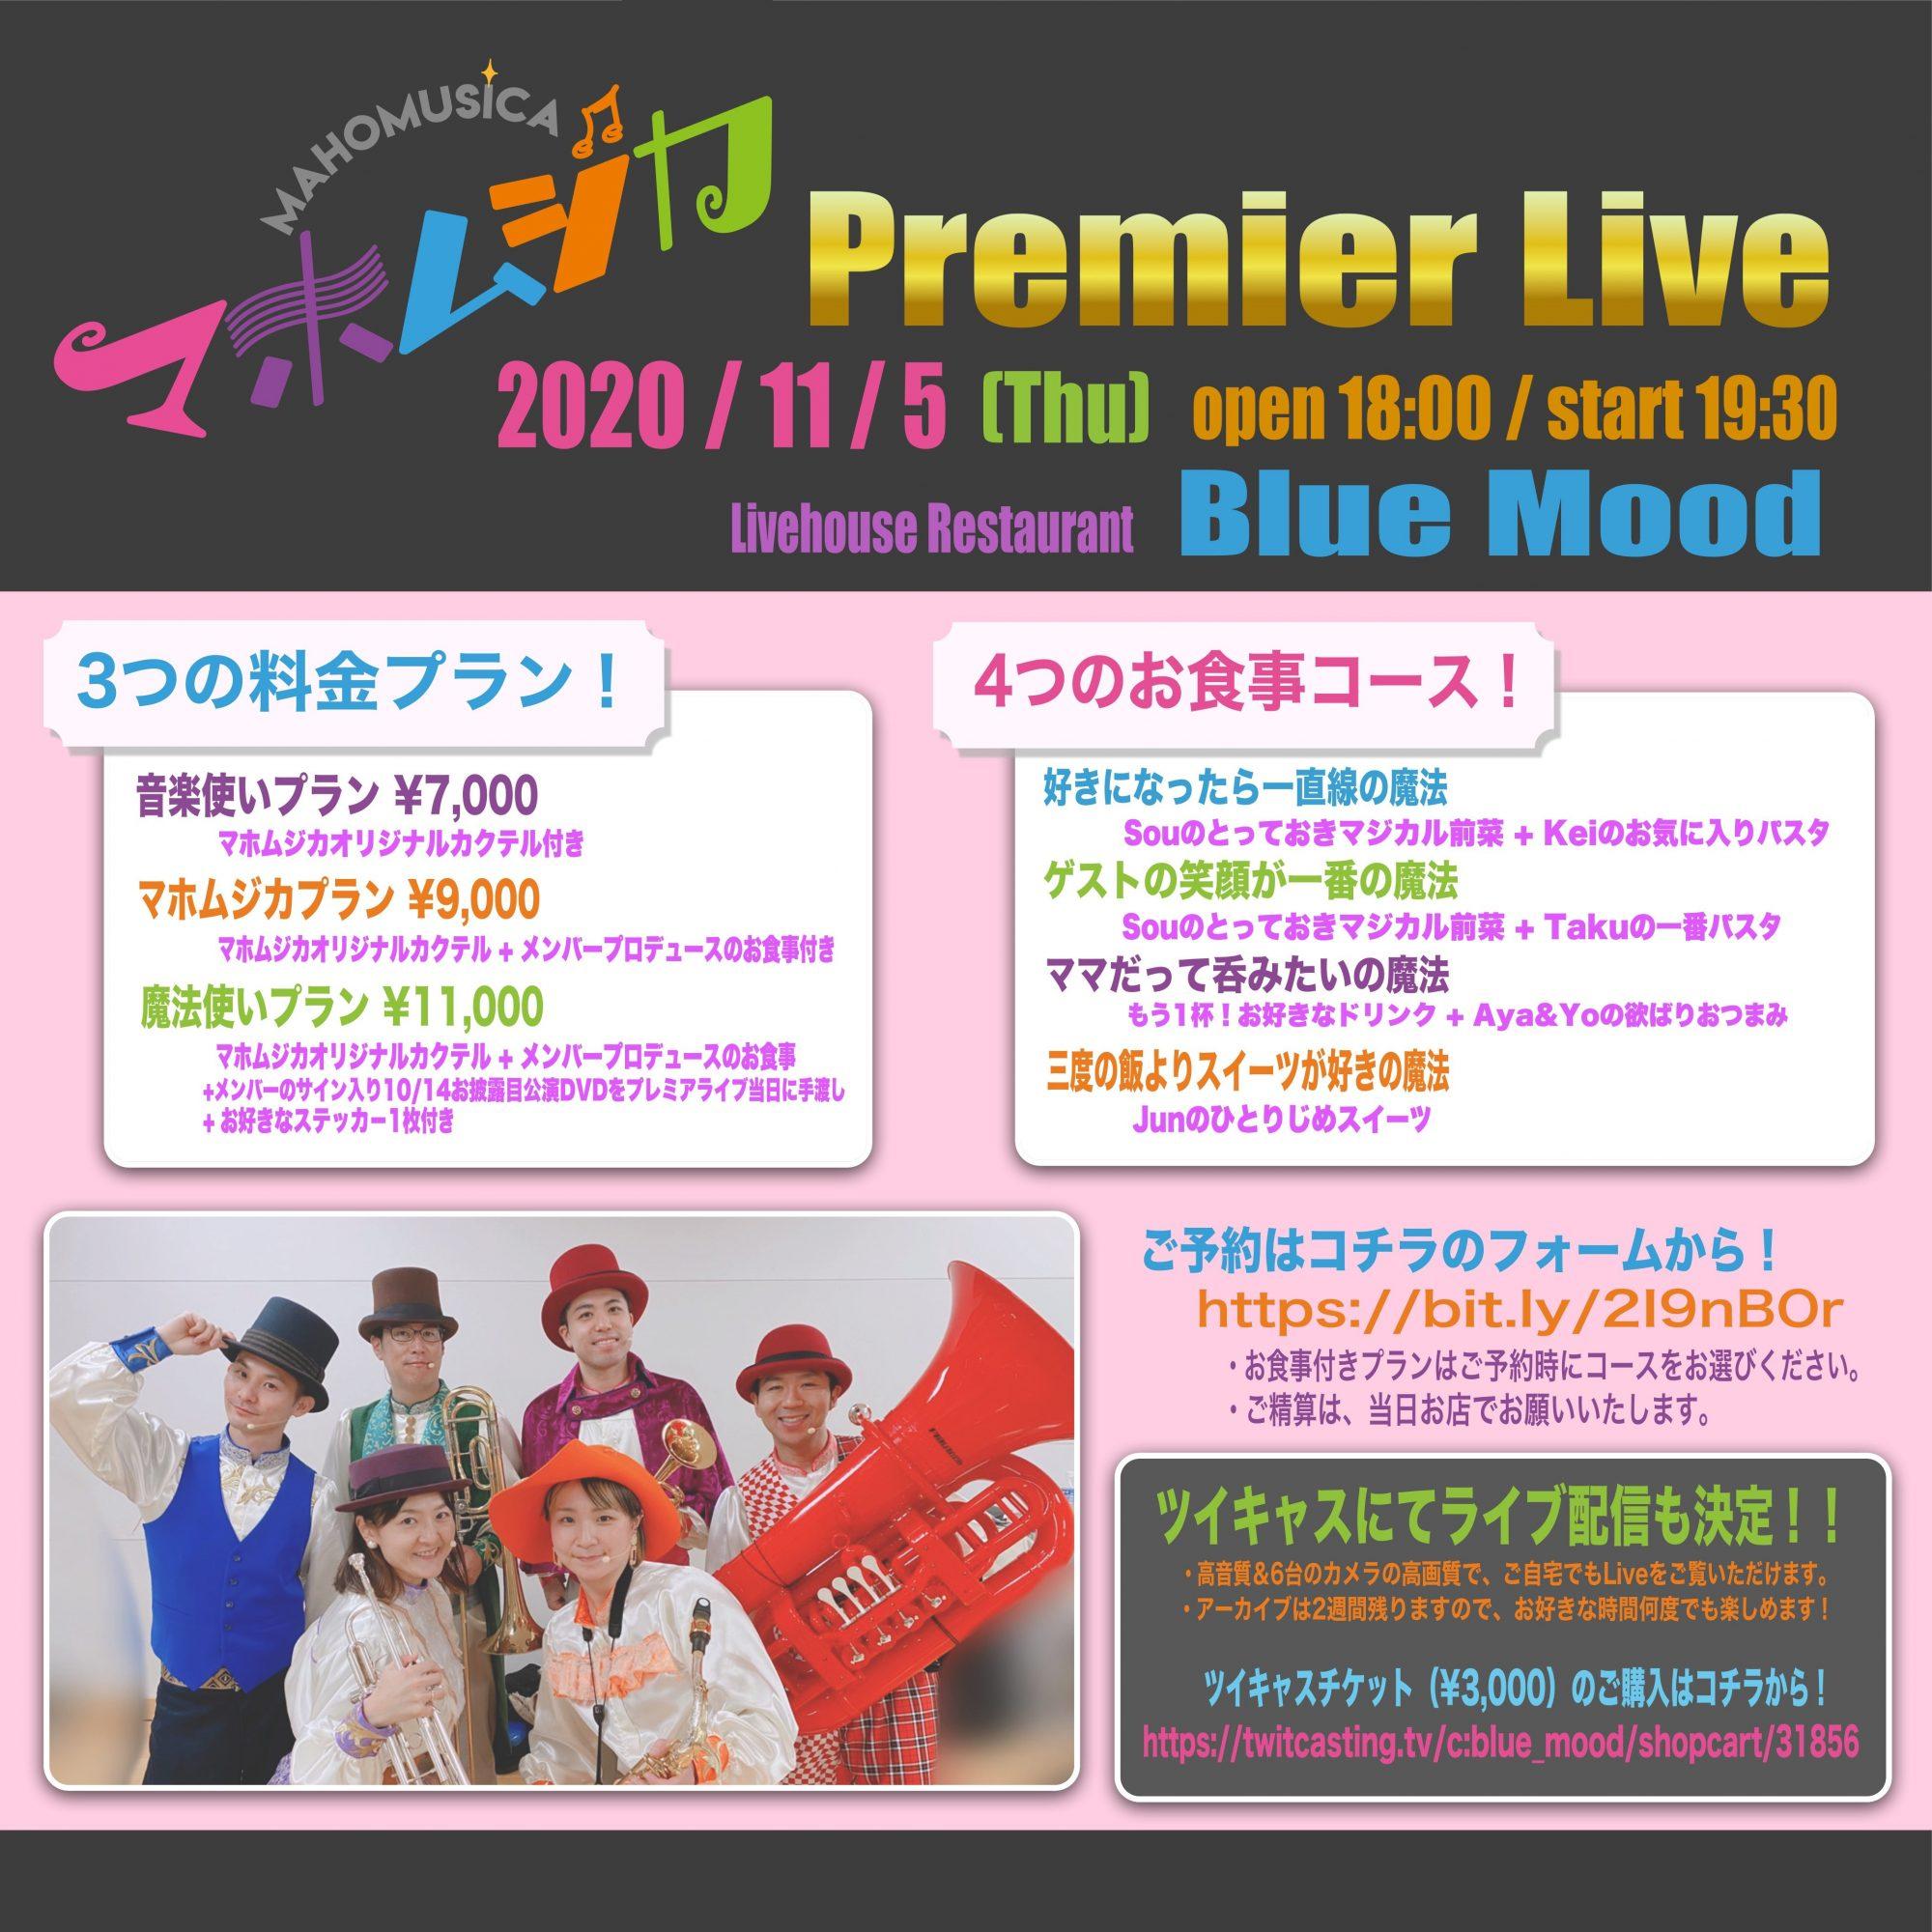 マホムジカ Premier Live